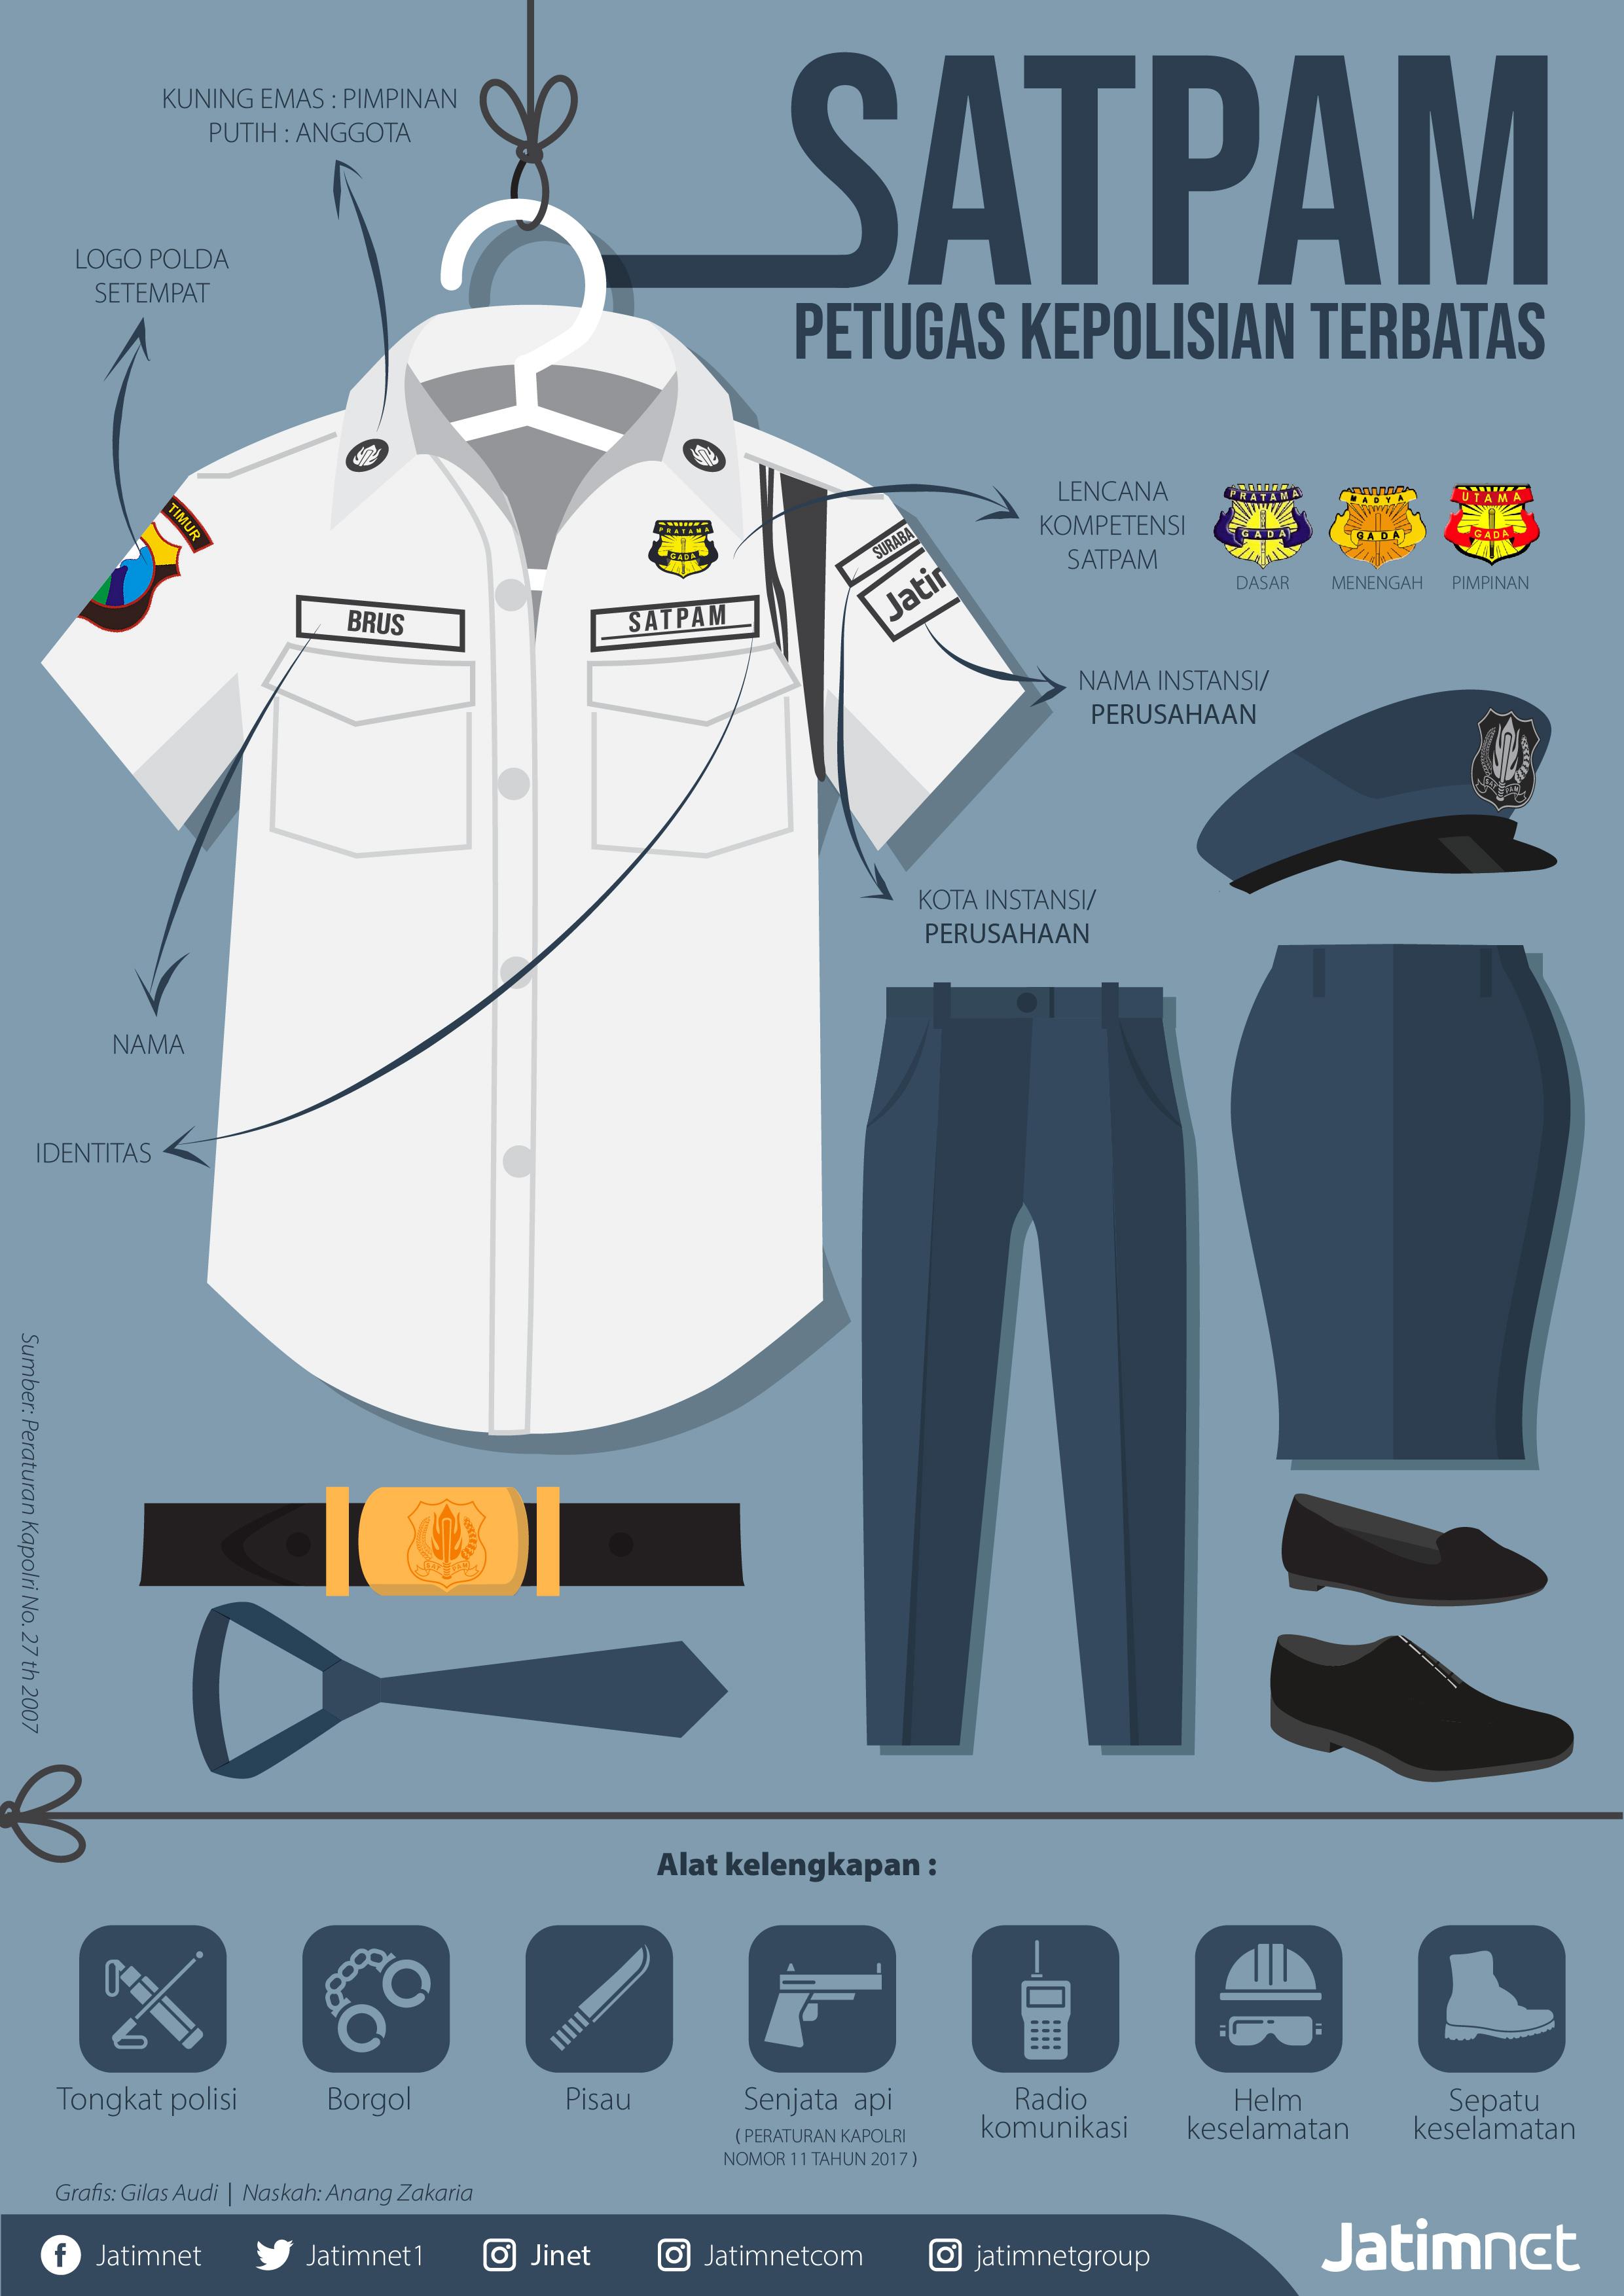 Satpam Petugas Kepolisian Terbatas